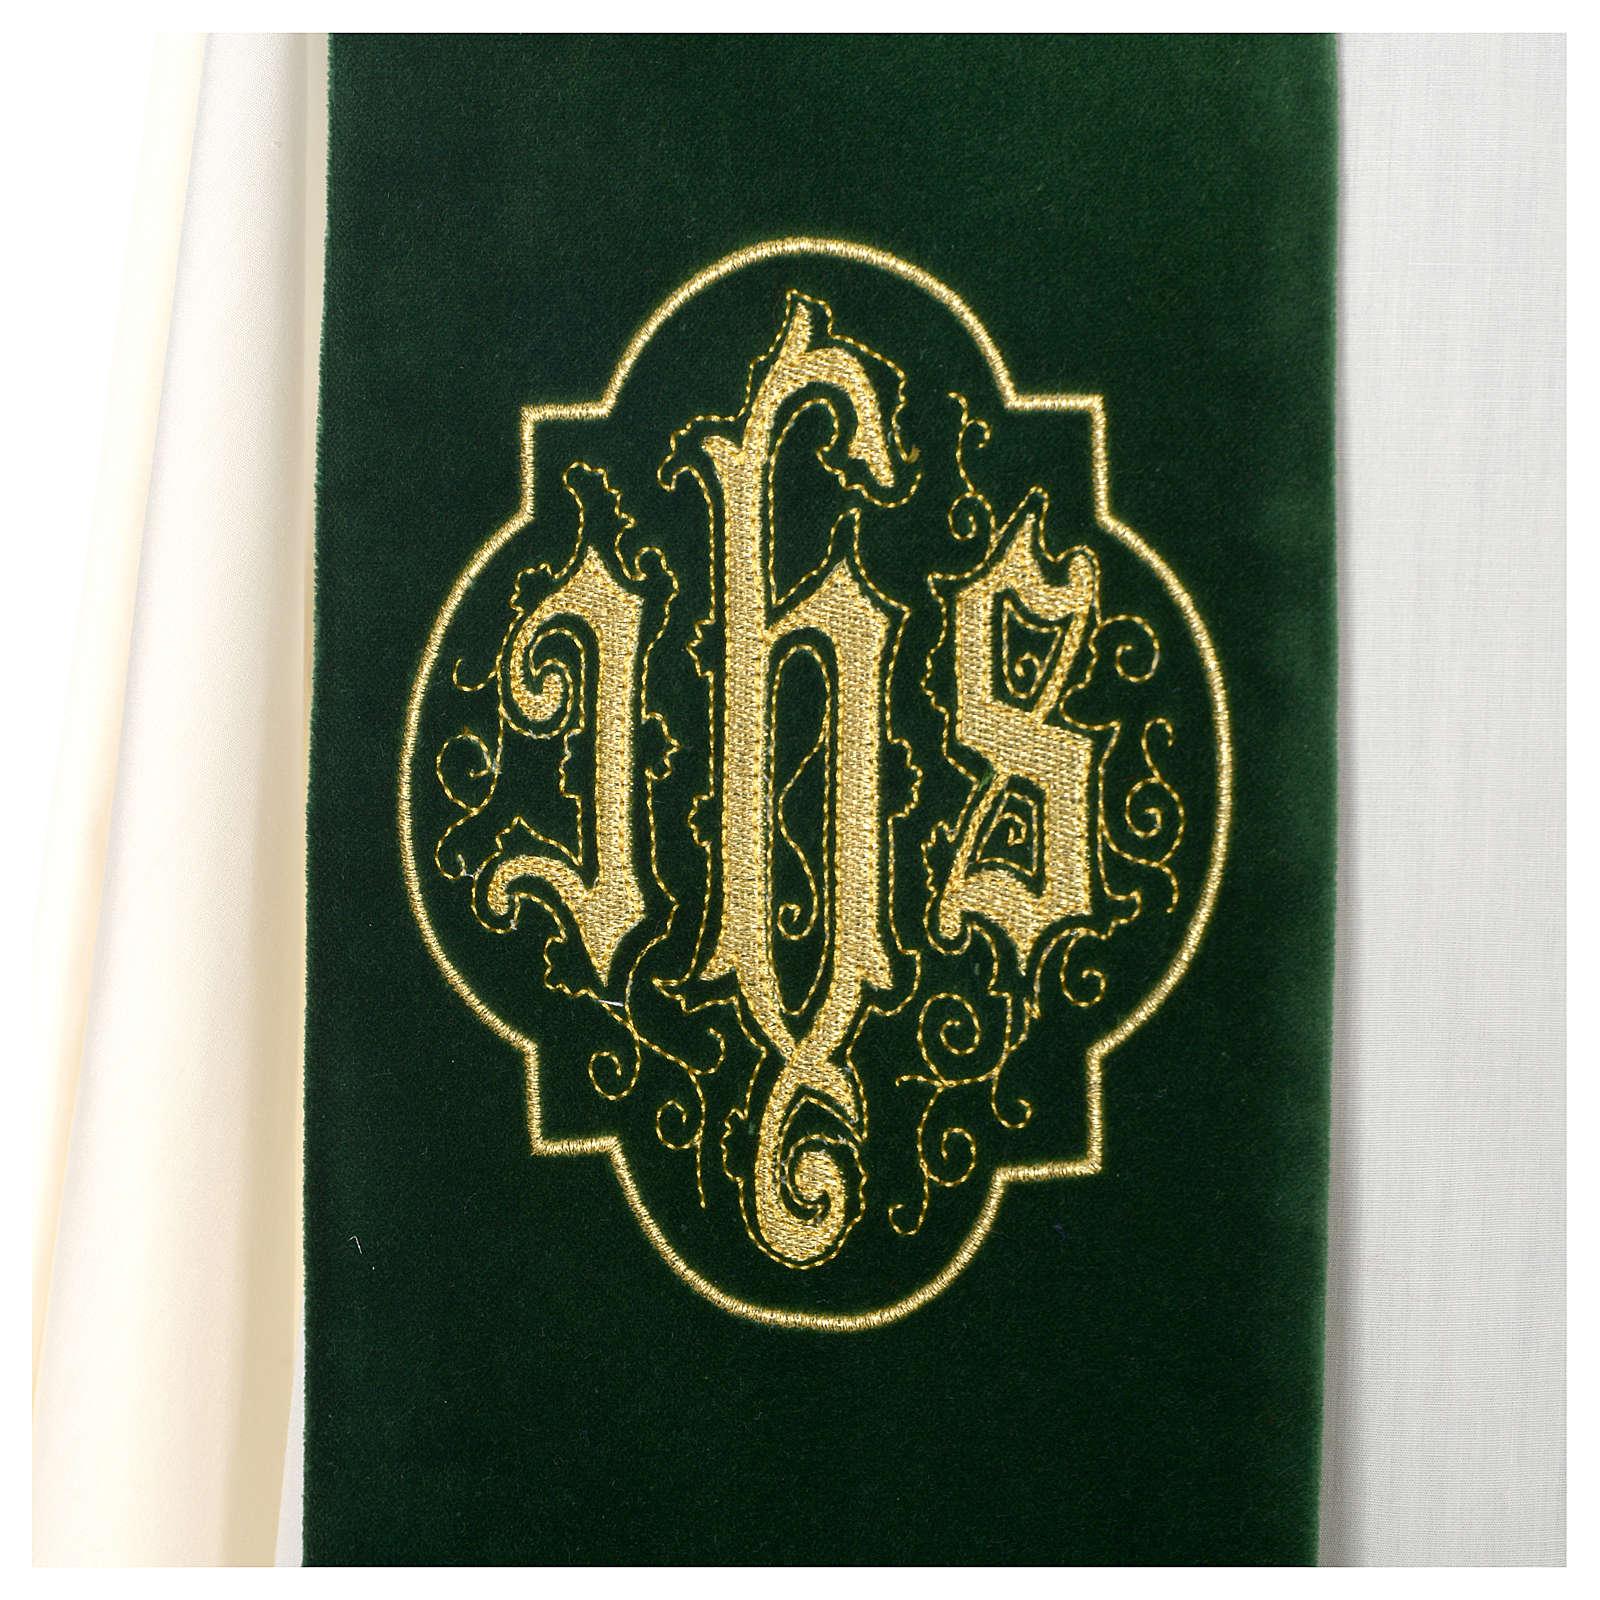 Estola Veludo Bordado Dourado e Cristograma IHS 4